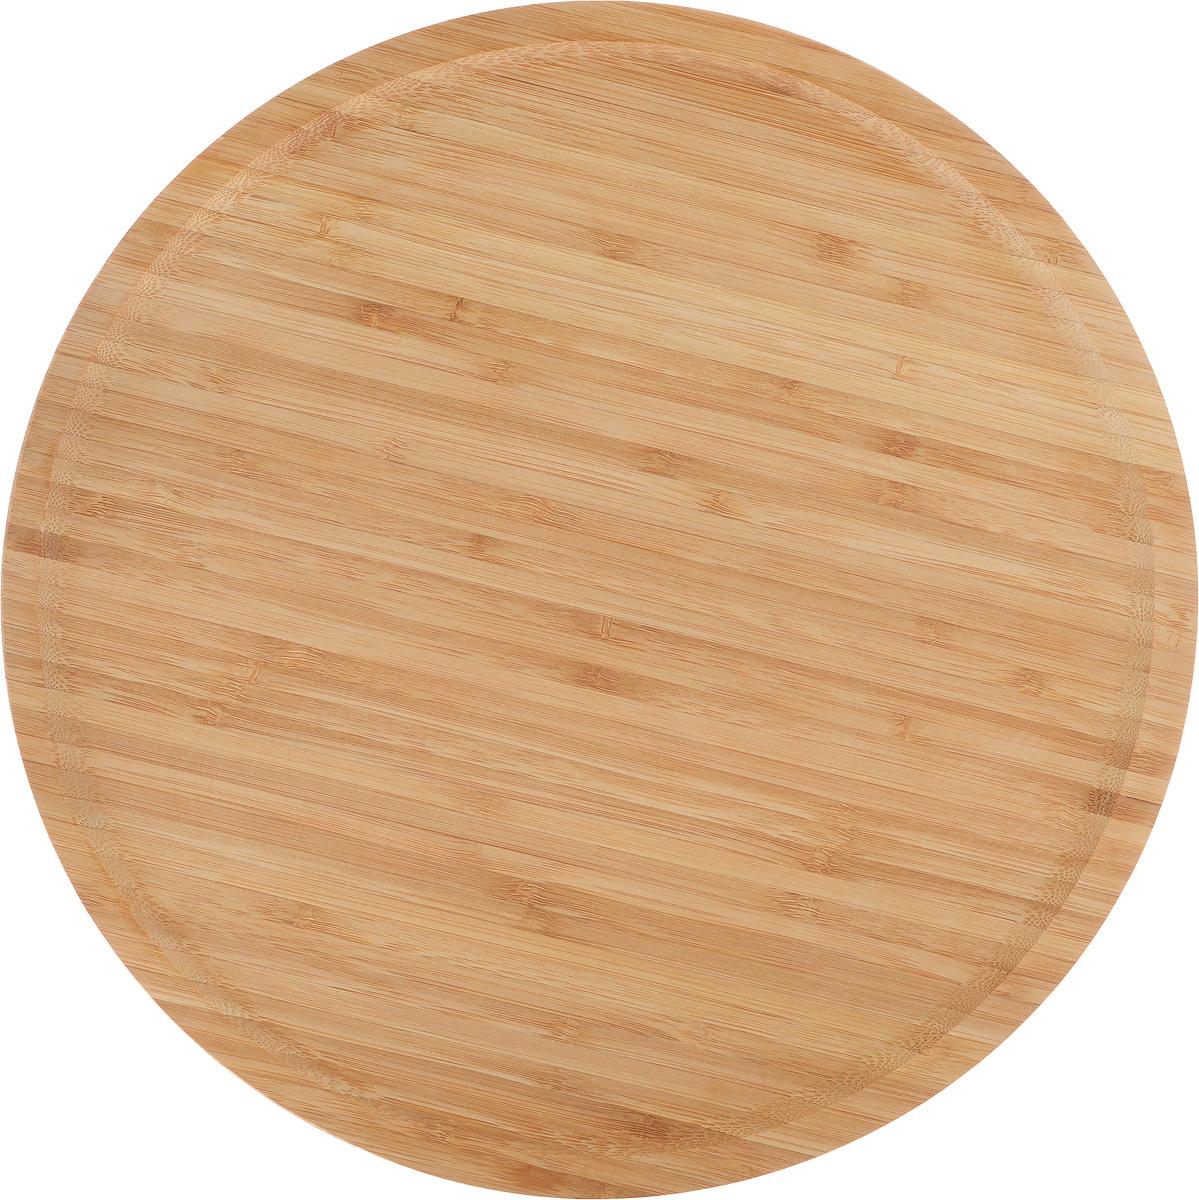 Доска для пиццы Kesper, диаметр 32 см. 5846-35846-3Доска для пиццы Kesper изготовлена из каучукового твердого дерева. Бортик позволяет пицце не соскальзывать с поверхности. Удобна в употреблении.Подходит как для домашнего использования, так и для профессиональных точек общепита. Такая доска станет отличным приобретением для вашей кухни. Диаметр доски: 32 см.